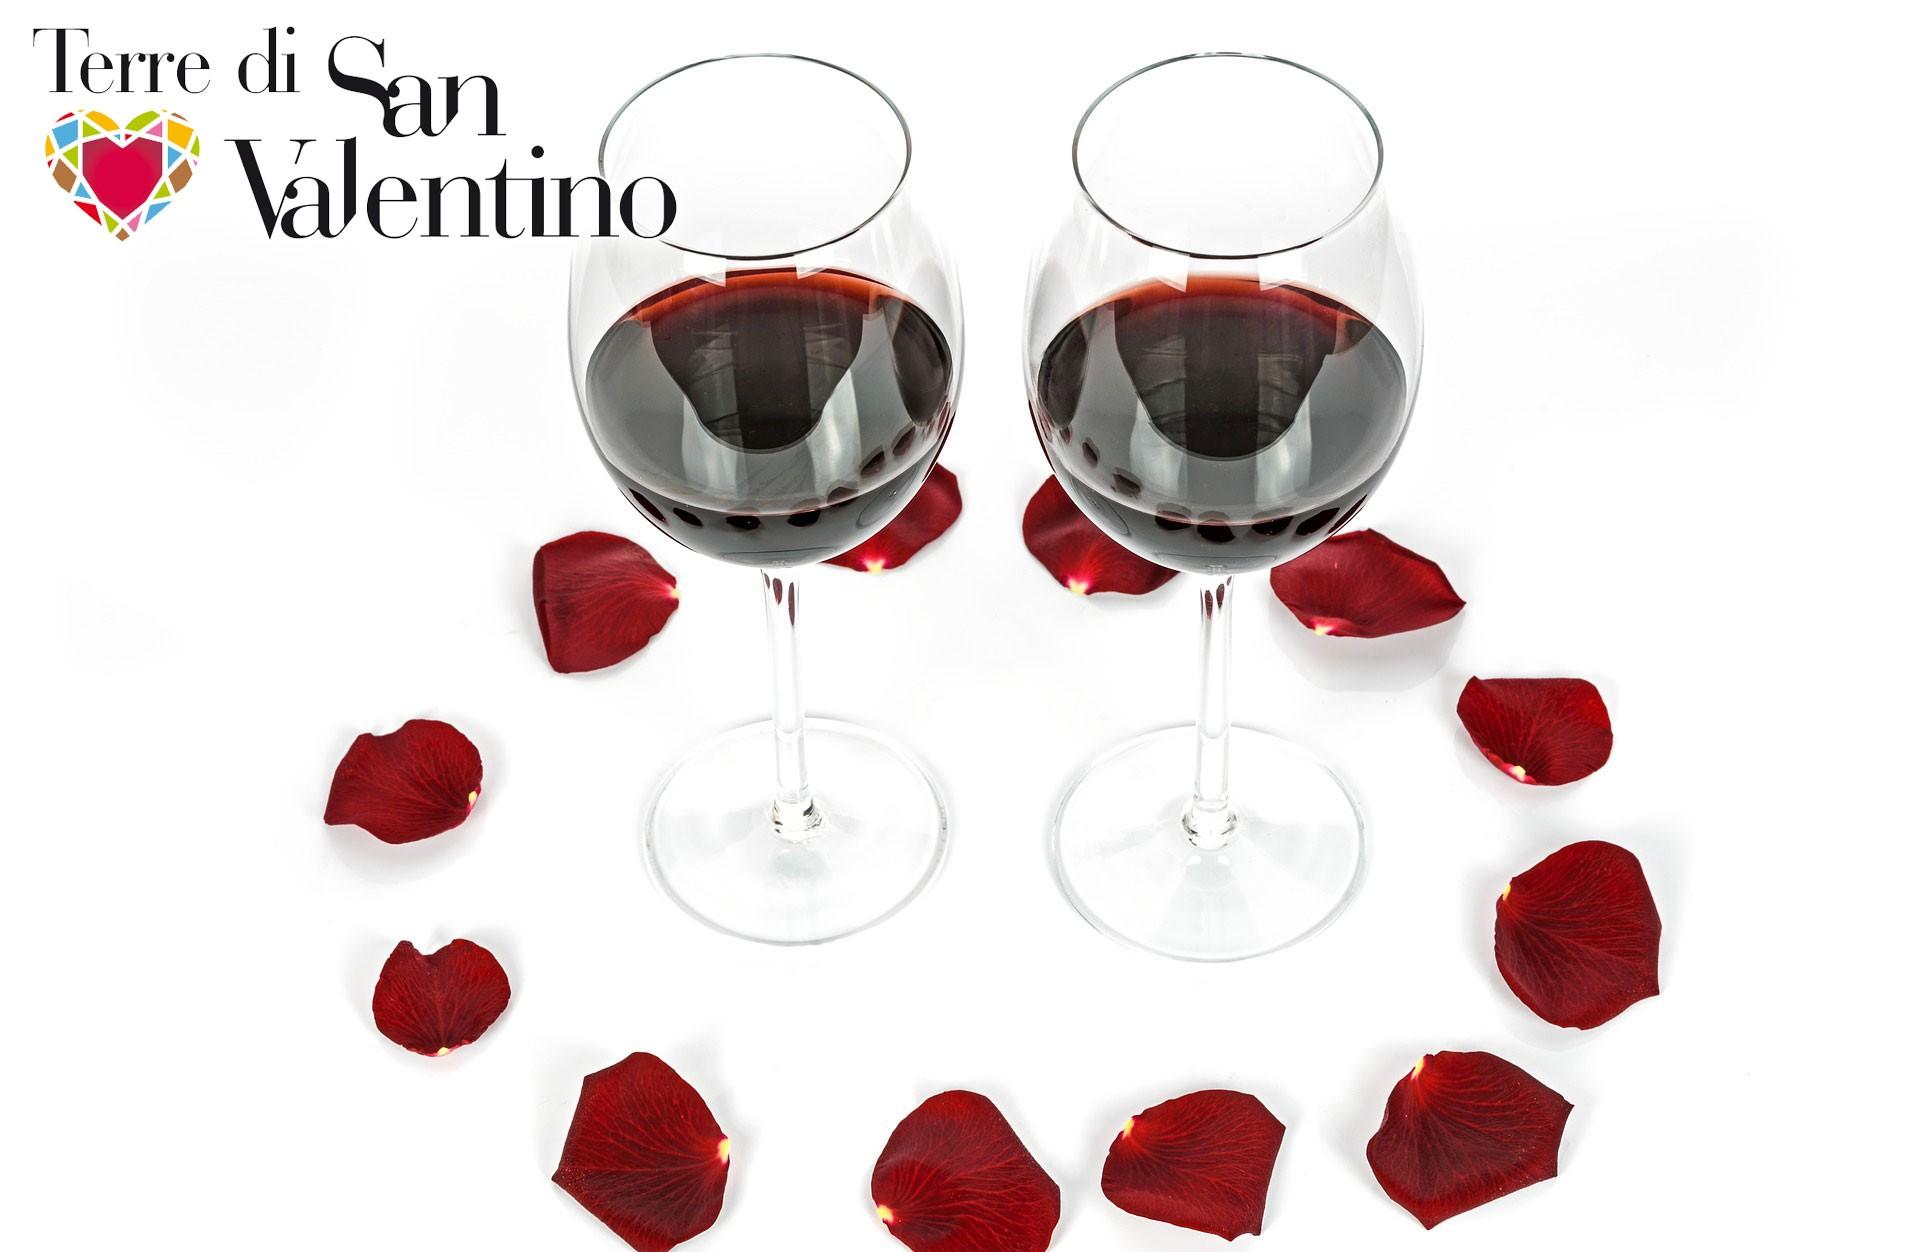 Festival delle Terre di San Valentino di Terni: fuga romantica